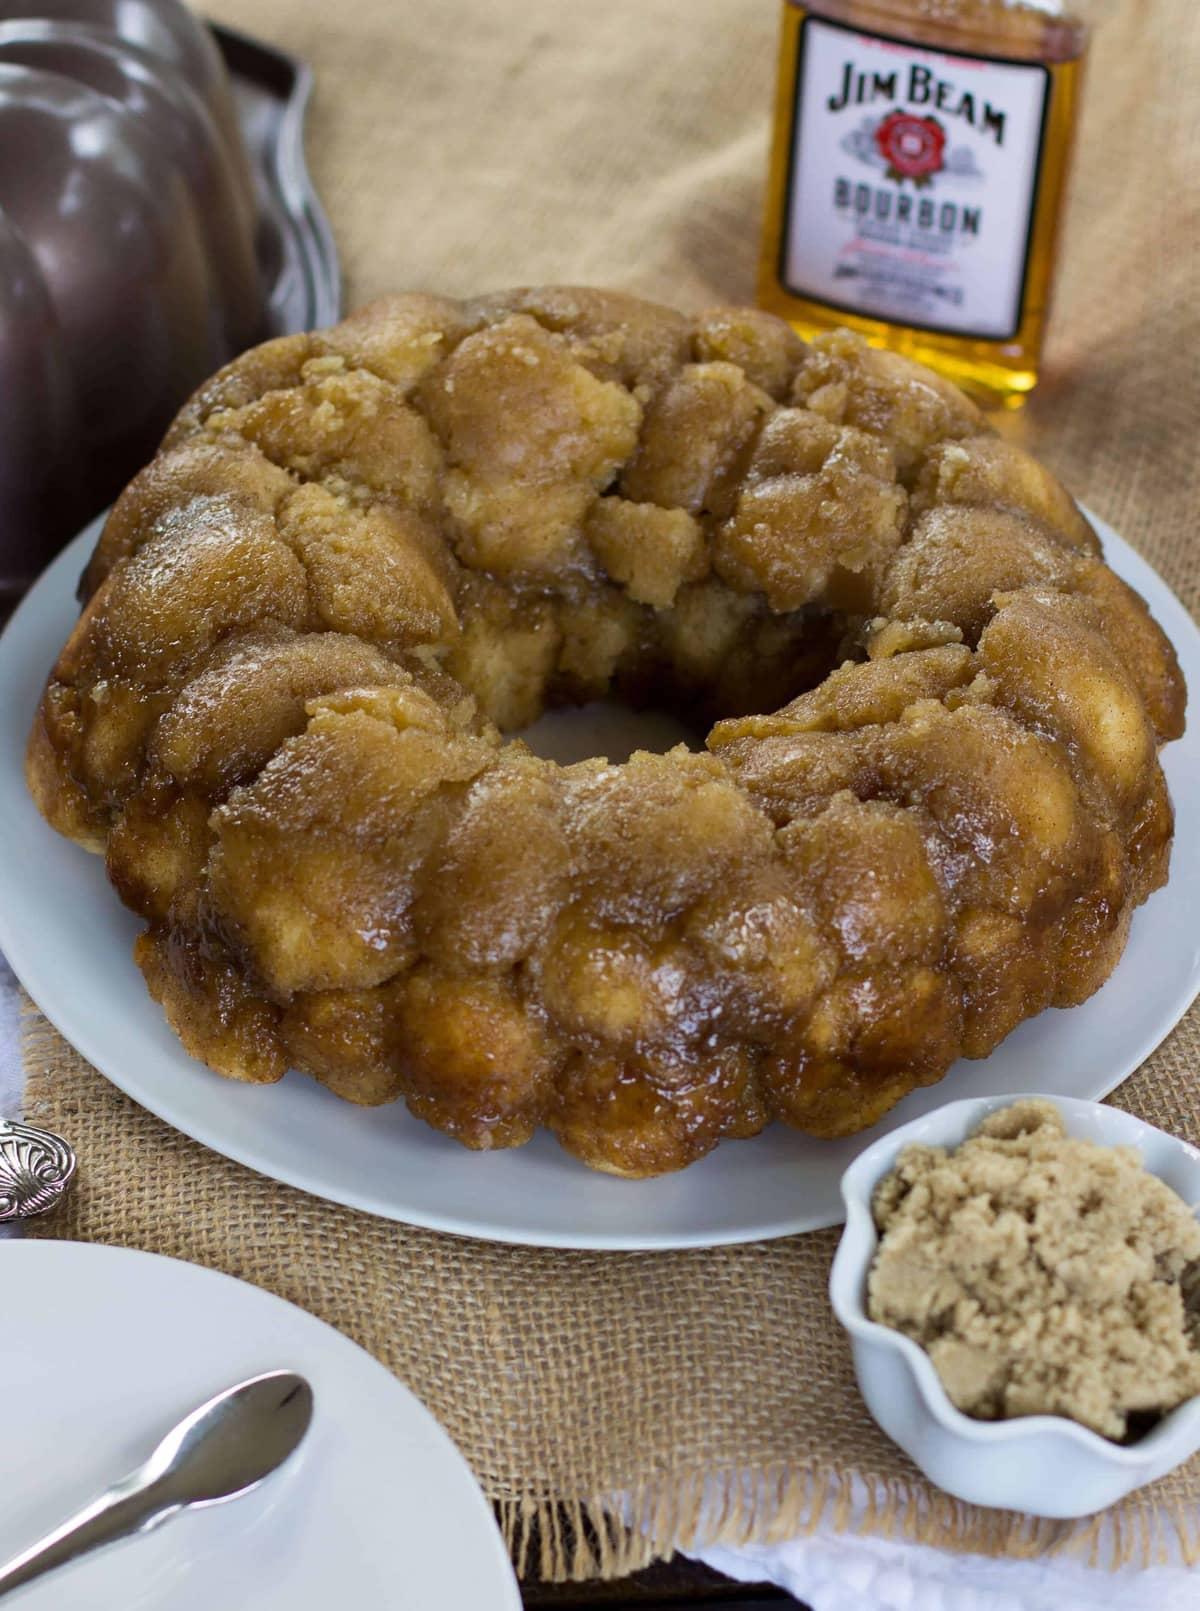 Drunken Monkey Bread {From Scratch, No Yeast} - Sugar Spun Run